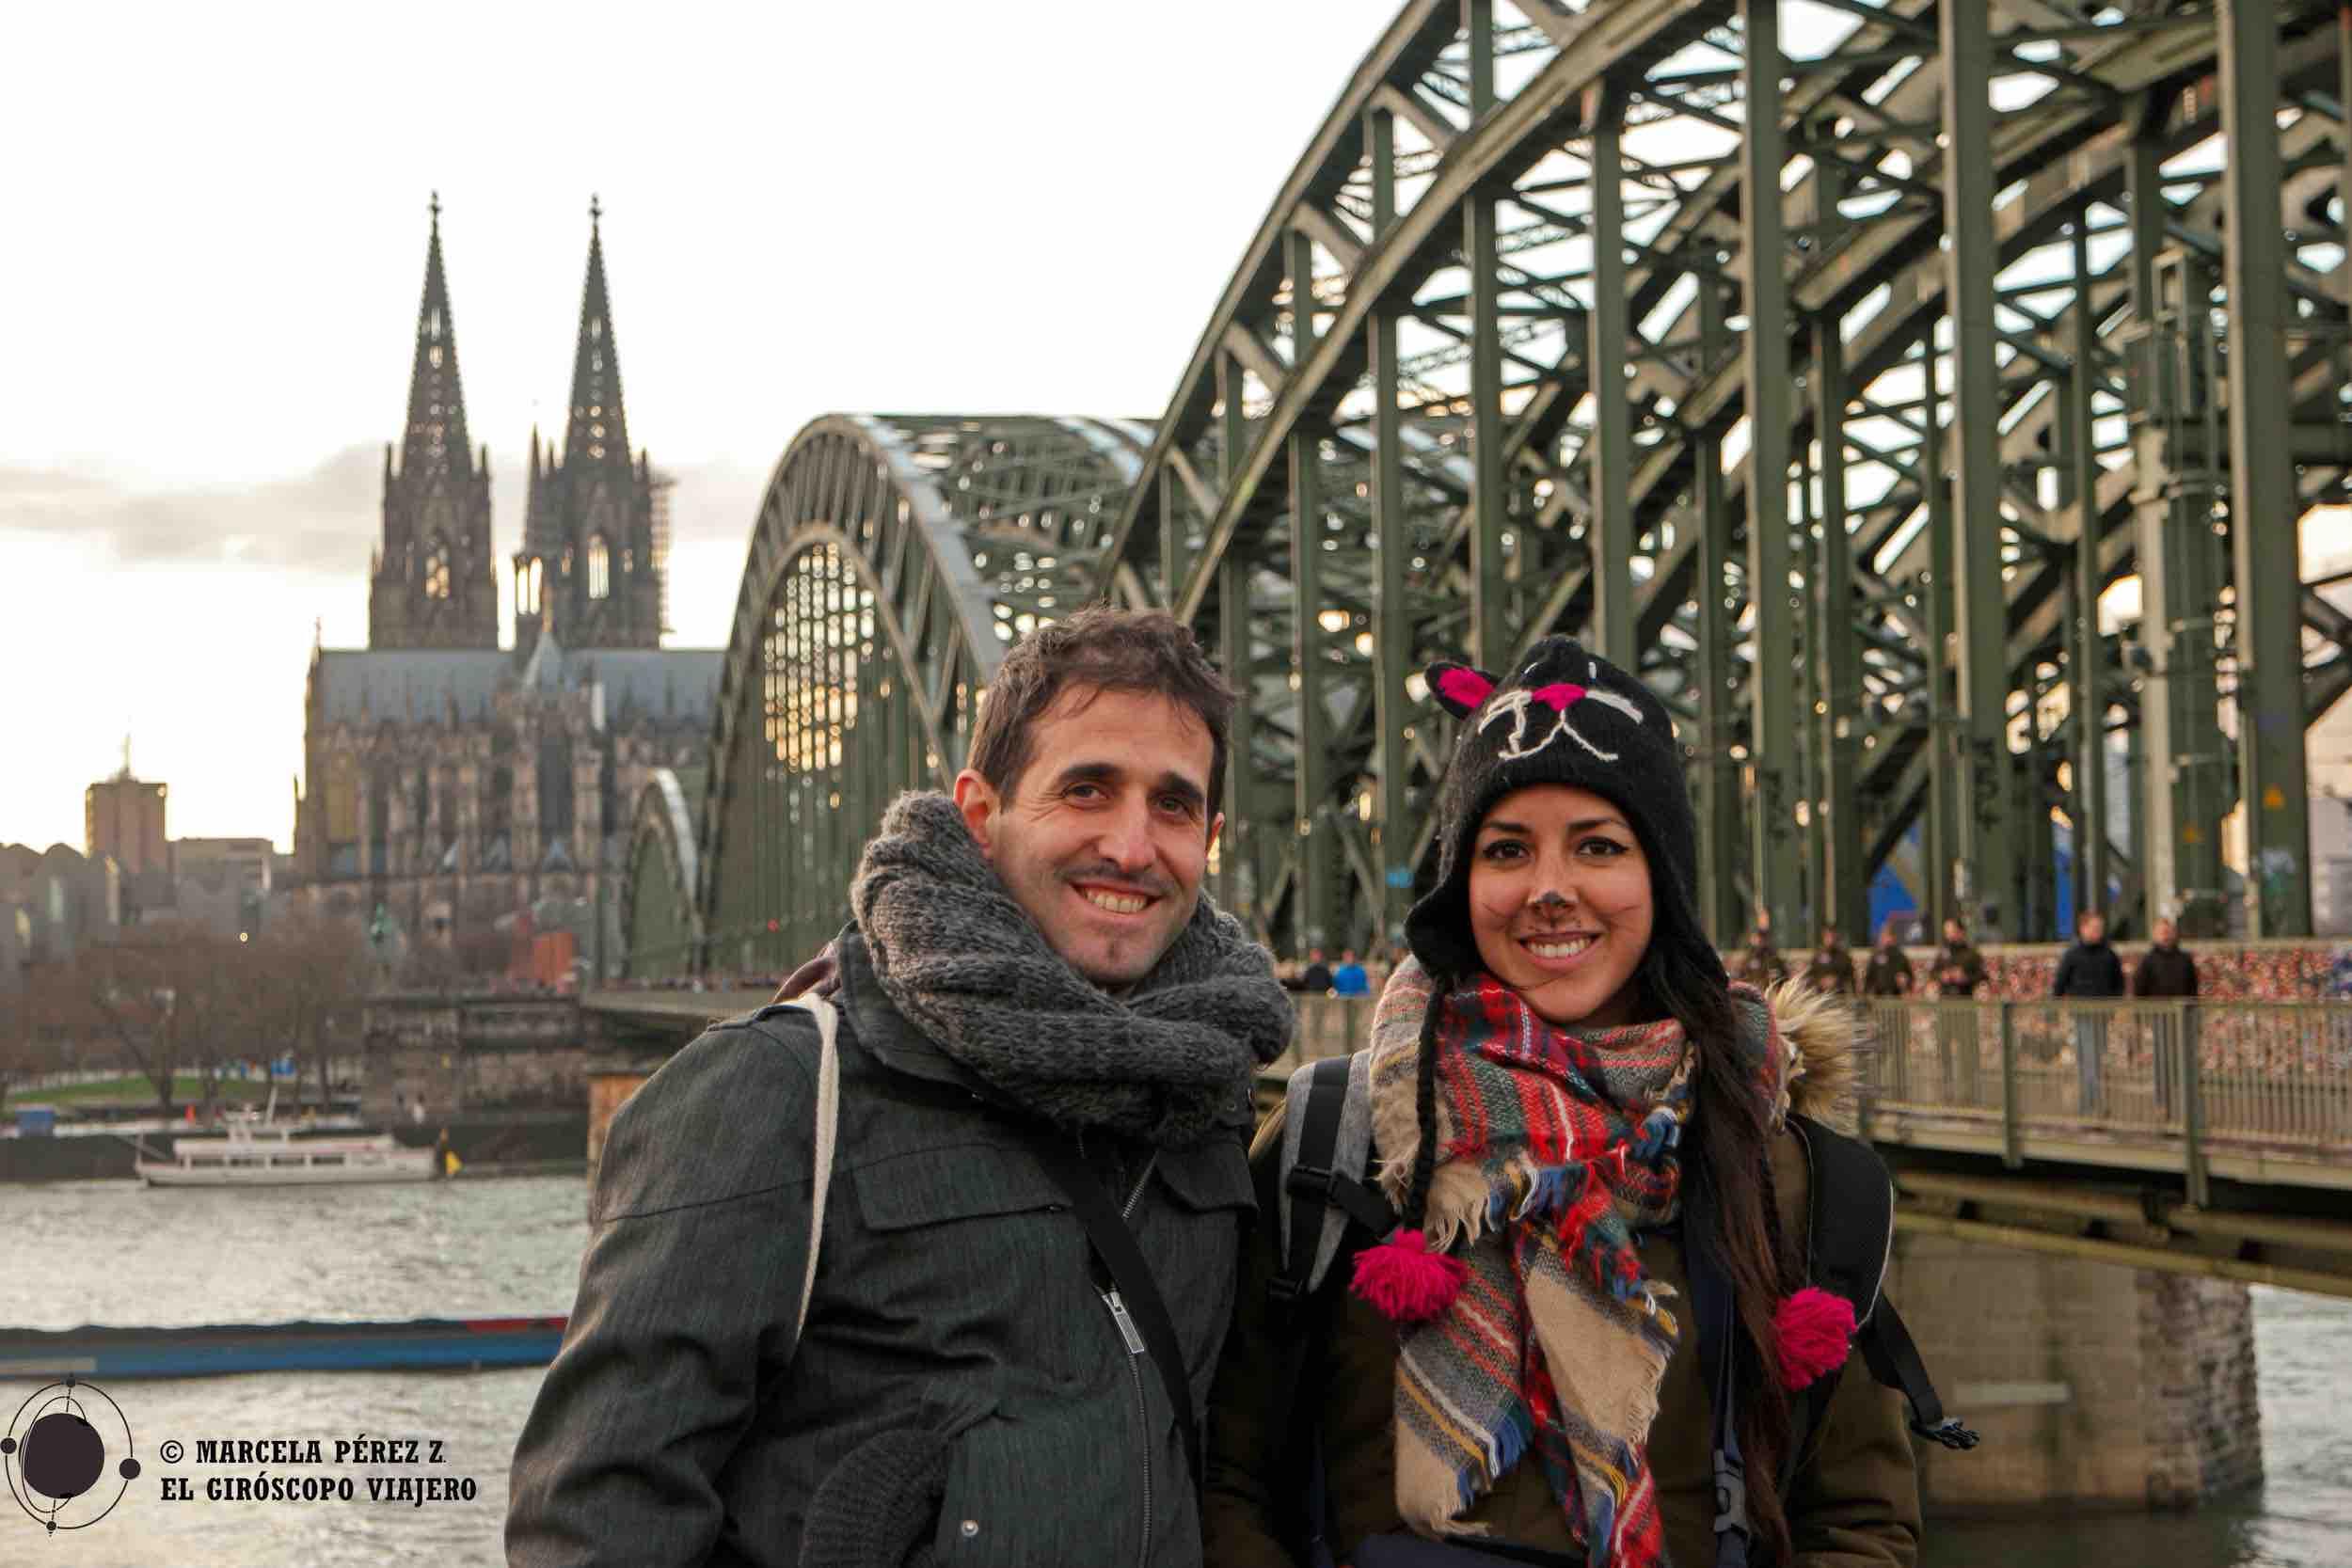 Con la majestuosa catedral de Colonia a nuestras espaldas